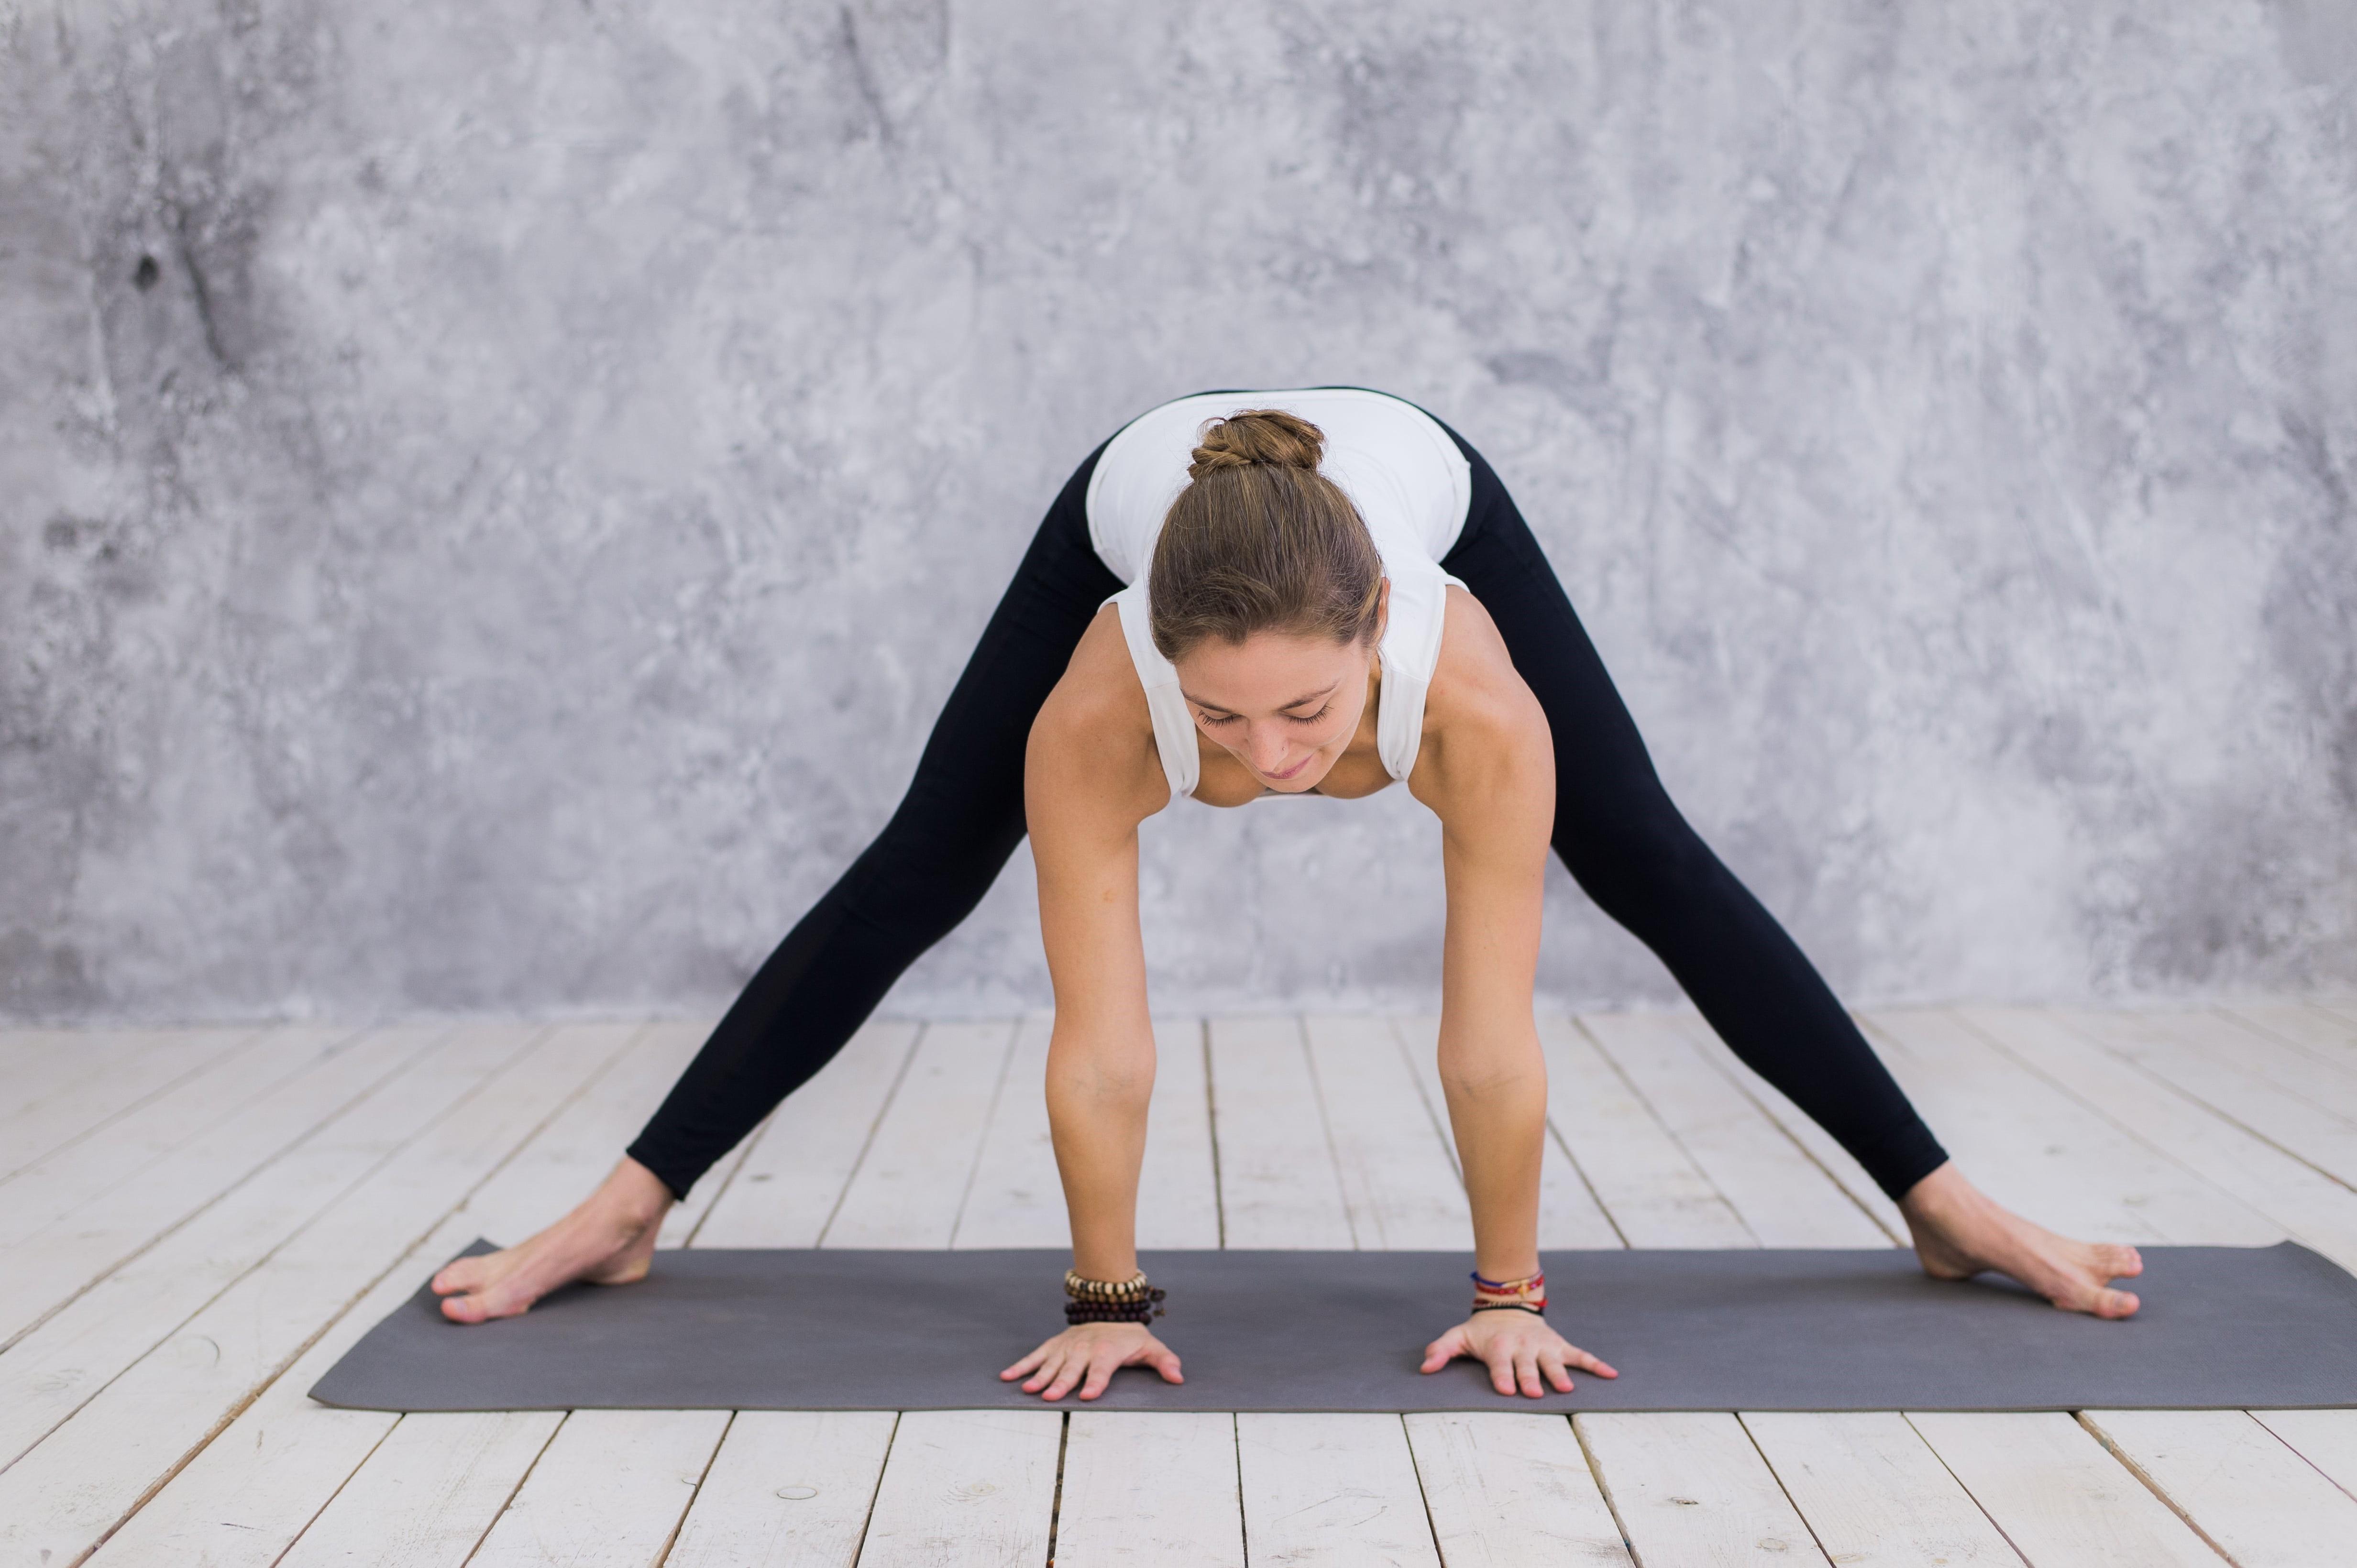 Как похудеть в ляшках. Упражнения для быстрого похудения в ляшках в домашних условиях